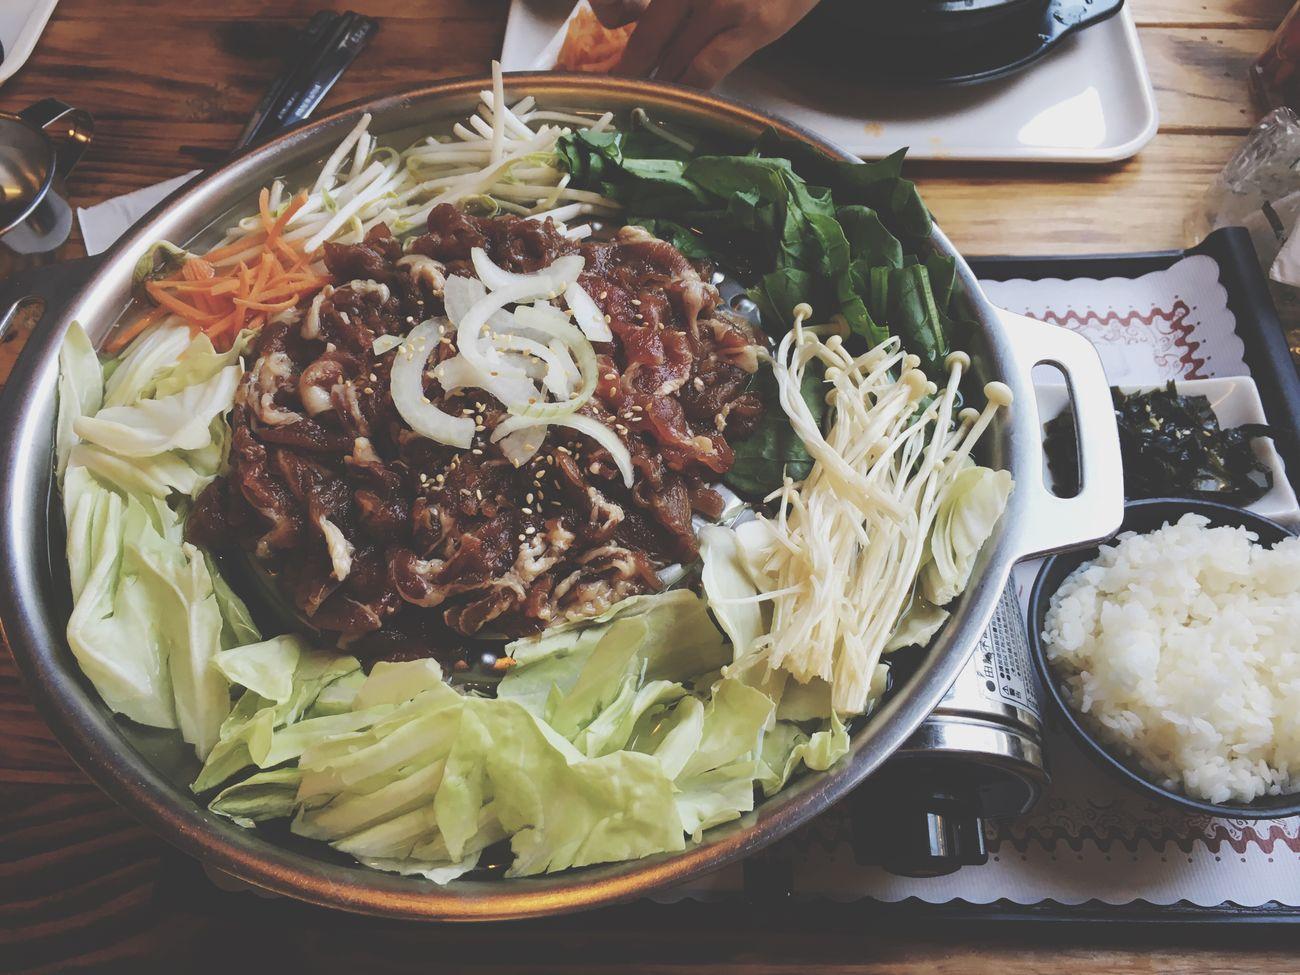 新興區 四月 April Kaohsiung Taiwan 高雄 Taiwanese Lunch Food 午餐 早午餐 韓式 韓式料理 臺灣 晴天 熱 烤肉 韓式烤肉